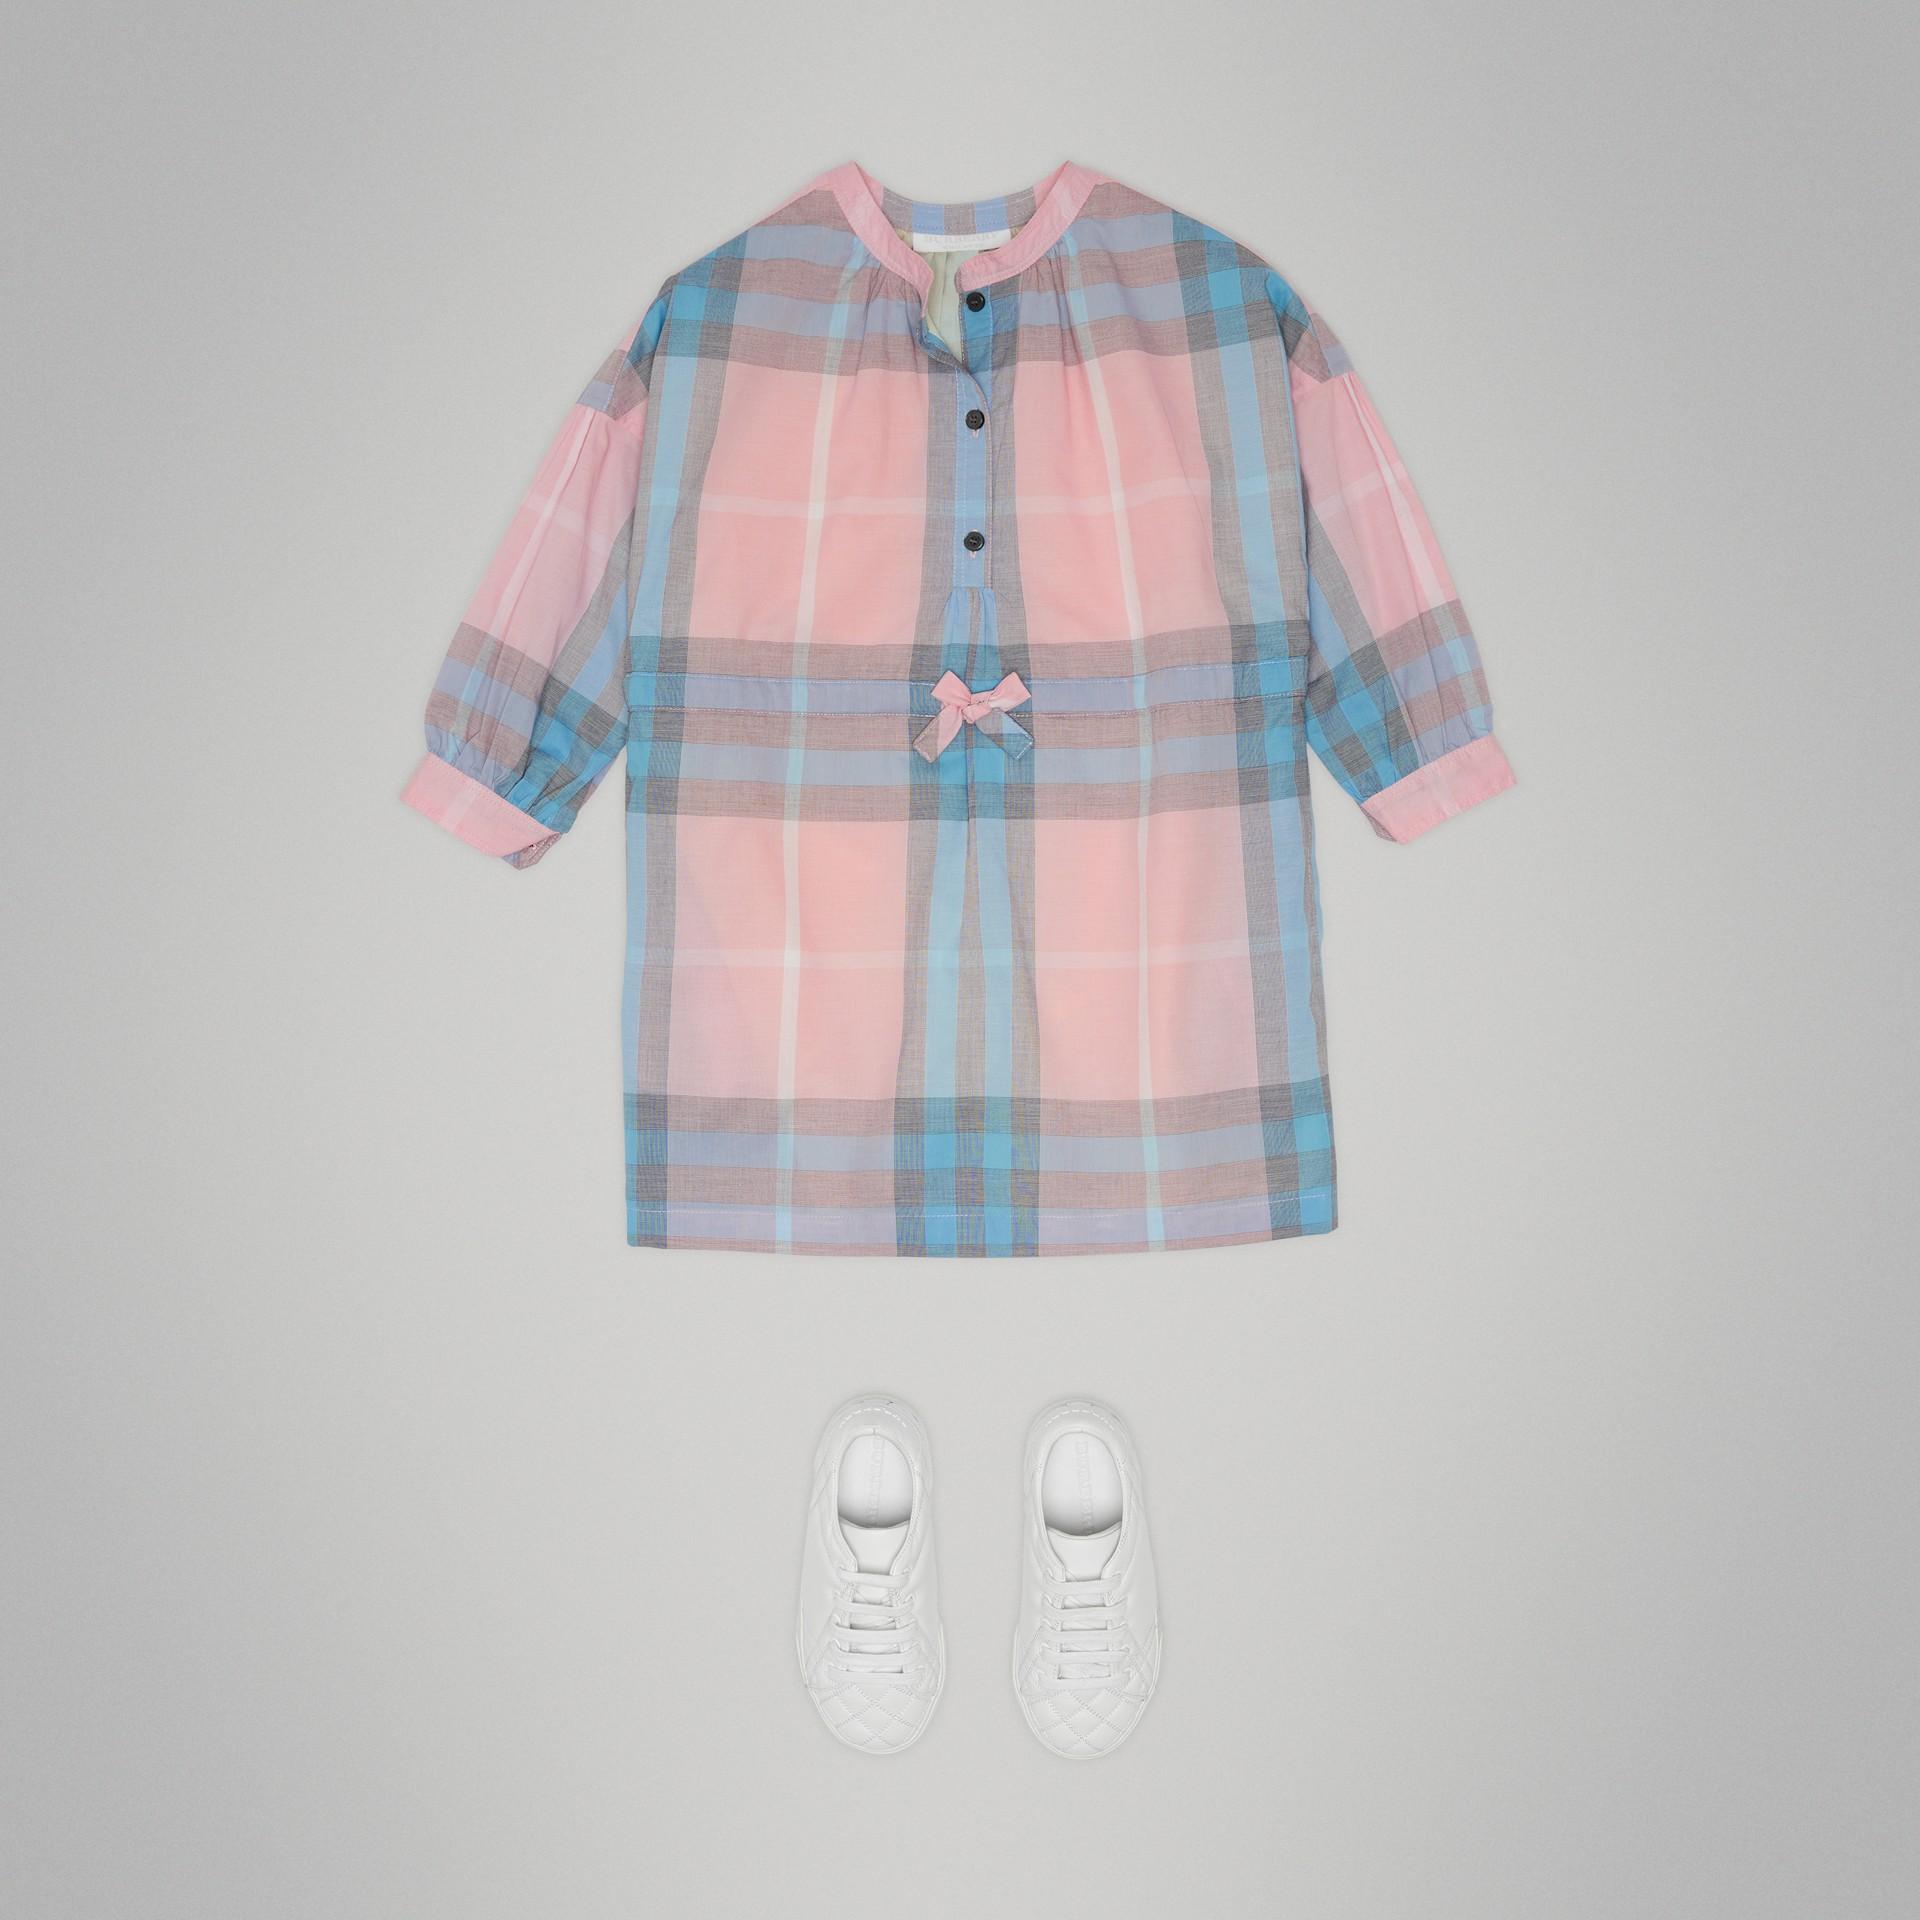 Vestido estilo camisa de algodão com estampa xadrez (Rosa Gelo) | Burberry - galeria de imagens 2